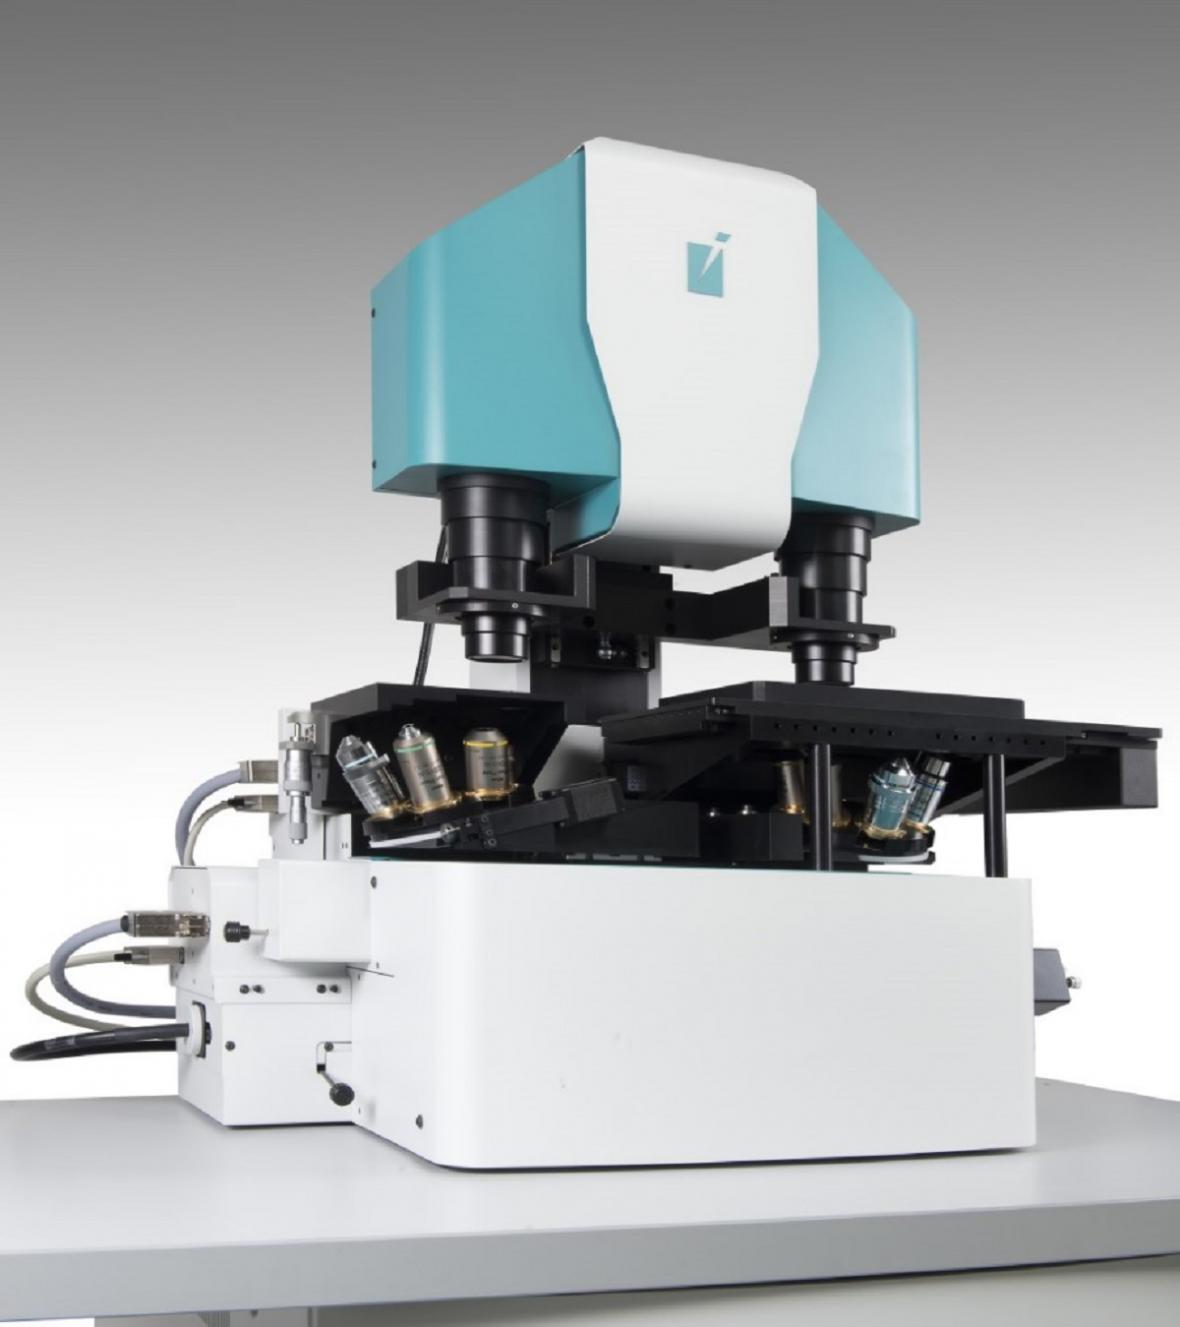 Unikátní Konfokální holografický mikroskop využitý pro zpracování 3D zobrazování vyvinutého vědeckou skupinou prof. Radima Chmelíka ve spolupráci s firmou Tescan